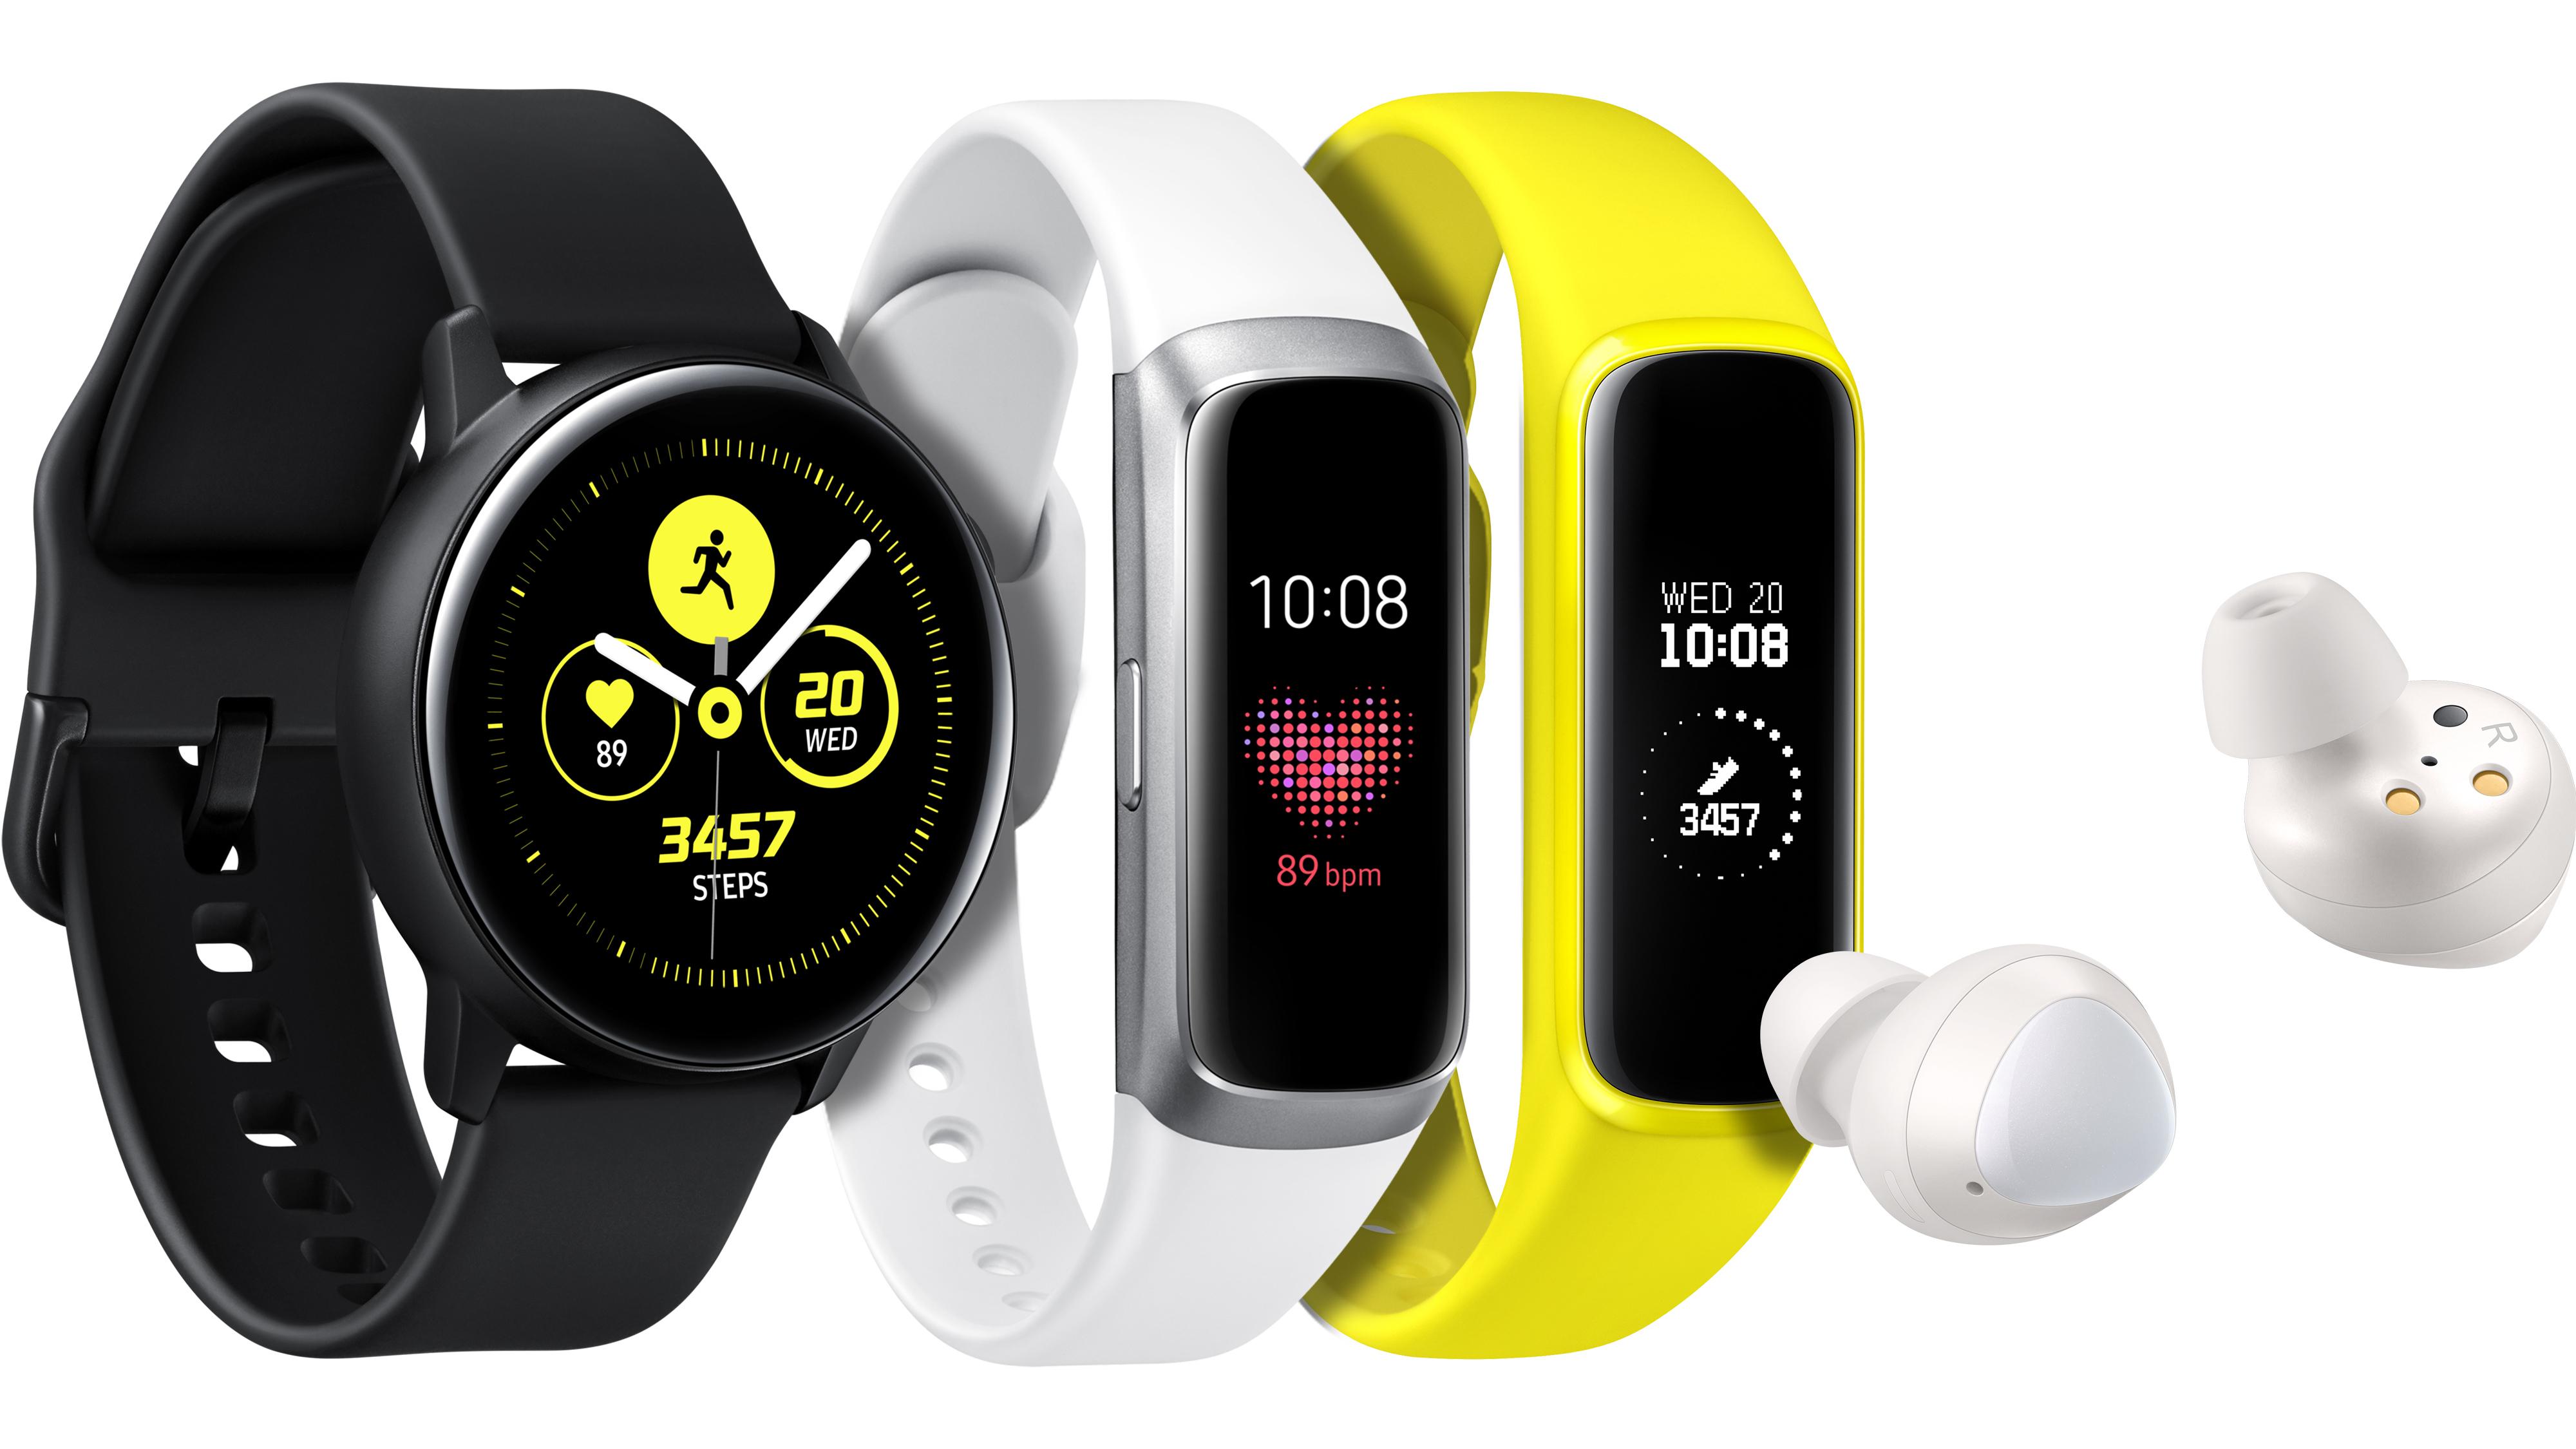 """""""Samsung"""" pristatė naują išmanių dėvimųjų prietaisų liniją aktyvaus gyvenimo būdo šalininkams"""